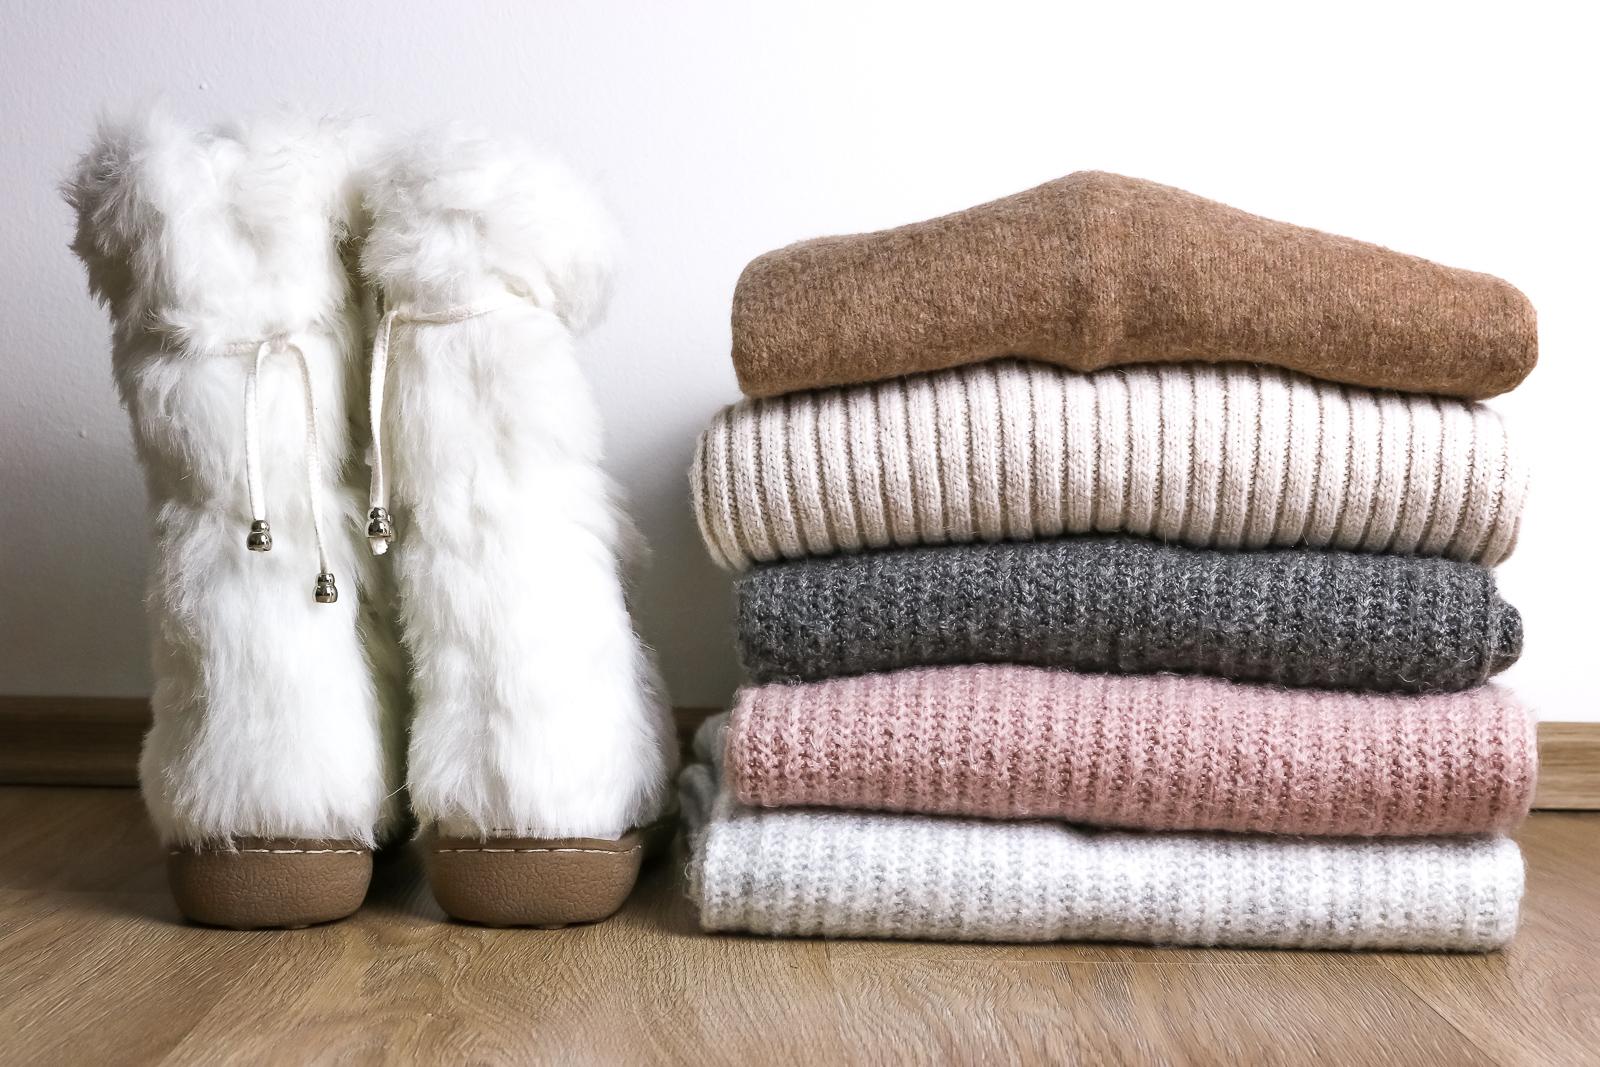 8 Tipps für mehr Ordnung im Kleiderschrank - Kleiderschrank aufräumen - Tipps und Tricks - Kleiderschrank Hacks - Kleiderschrank sortieren - mehr Platz im Kleiderschrank - der perfekte Kleiderschrank - Alltagstipps - Life Hacks - Fashionladyloves by Tamara Wagner - Lifestyle Blog